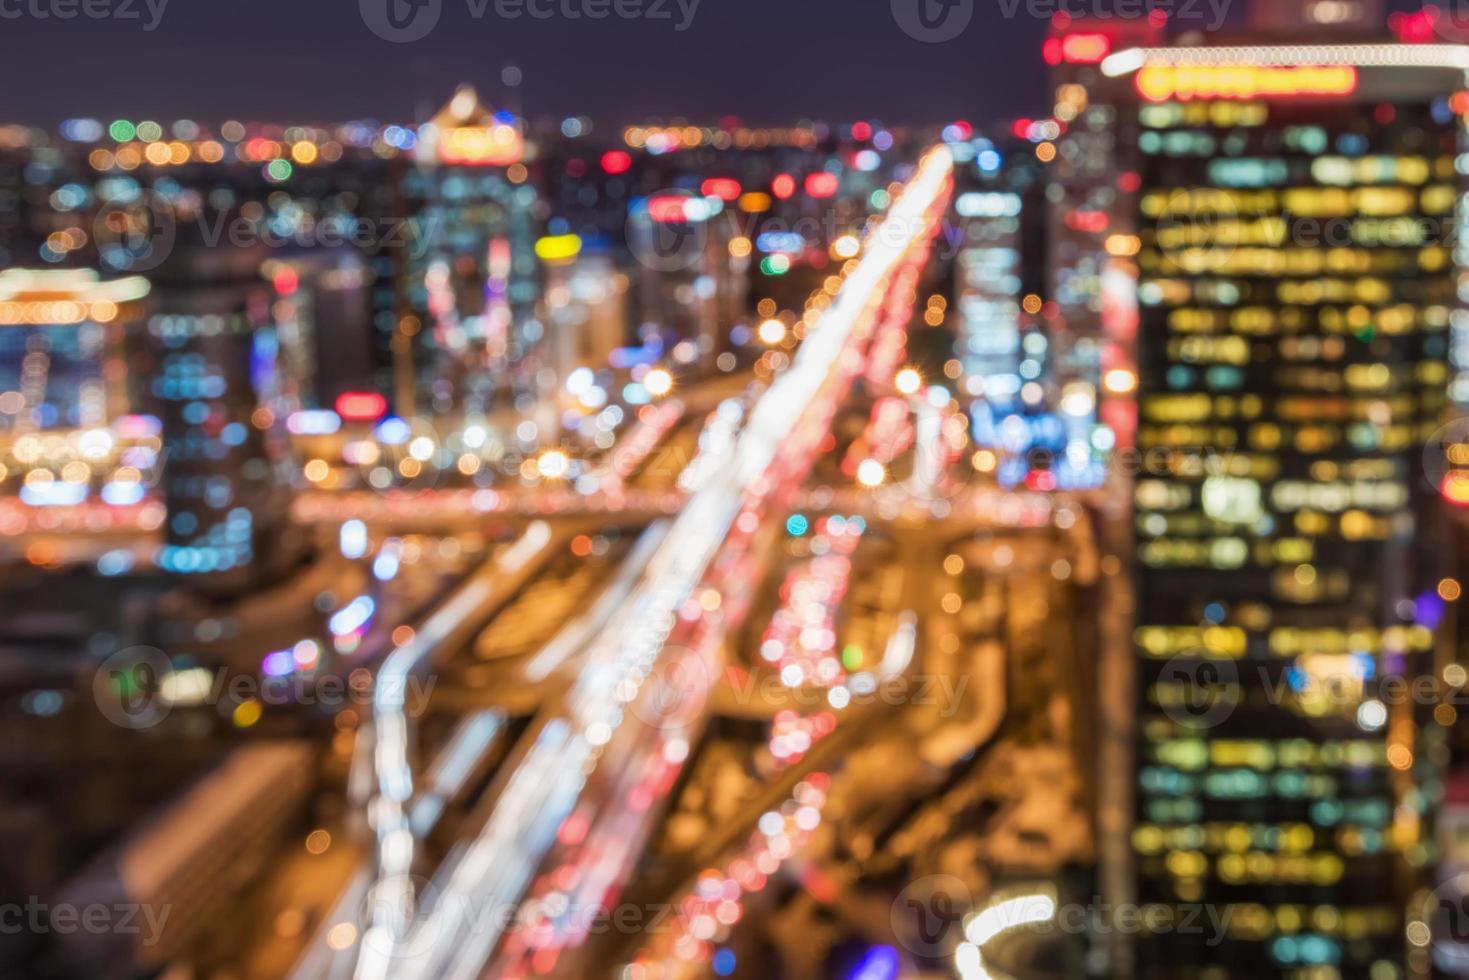 sogno di Pechino notte di cbd, molto bello! foto